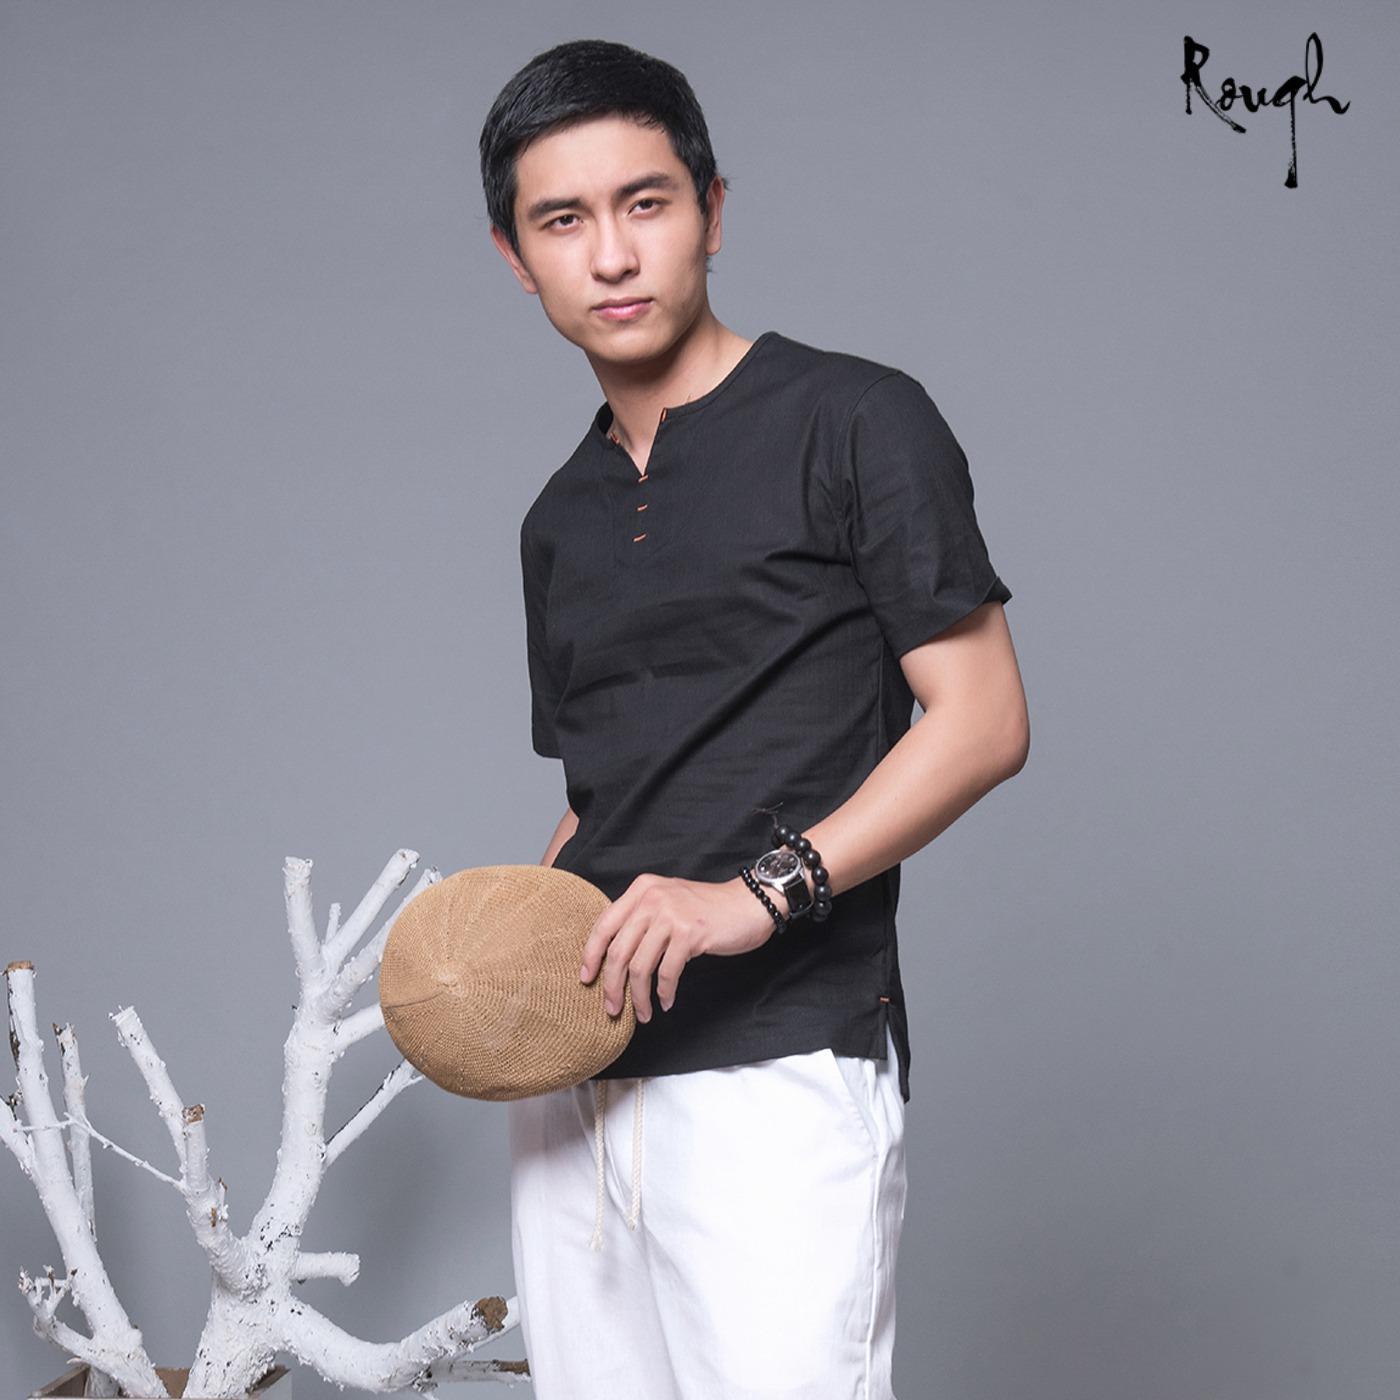 Bán Mua Ao Thun Nam Ngắn Tay Vải Đũi Xuất Dư Đen Mới Hà Nội